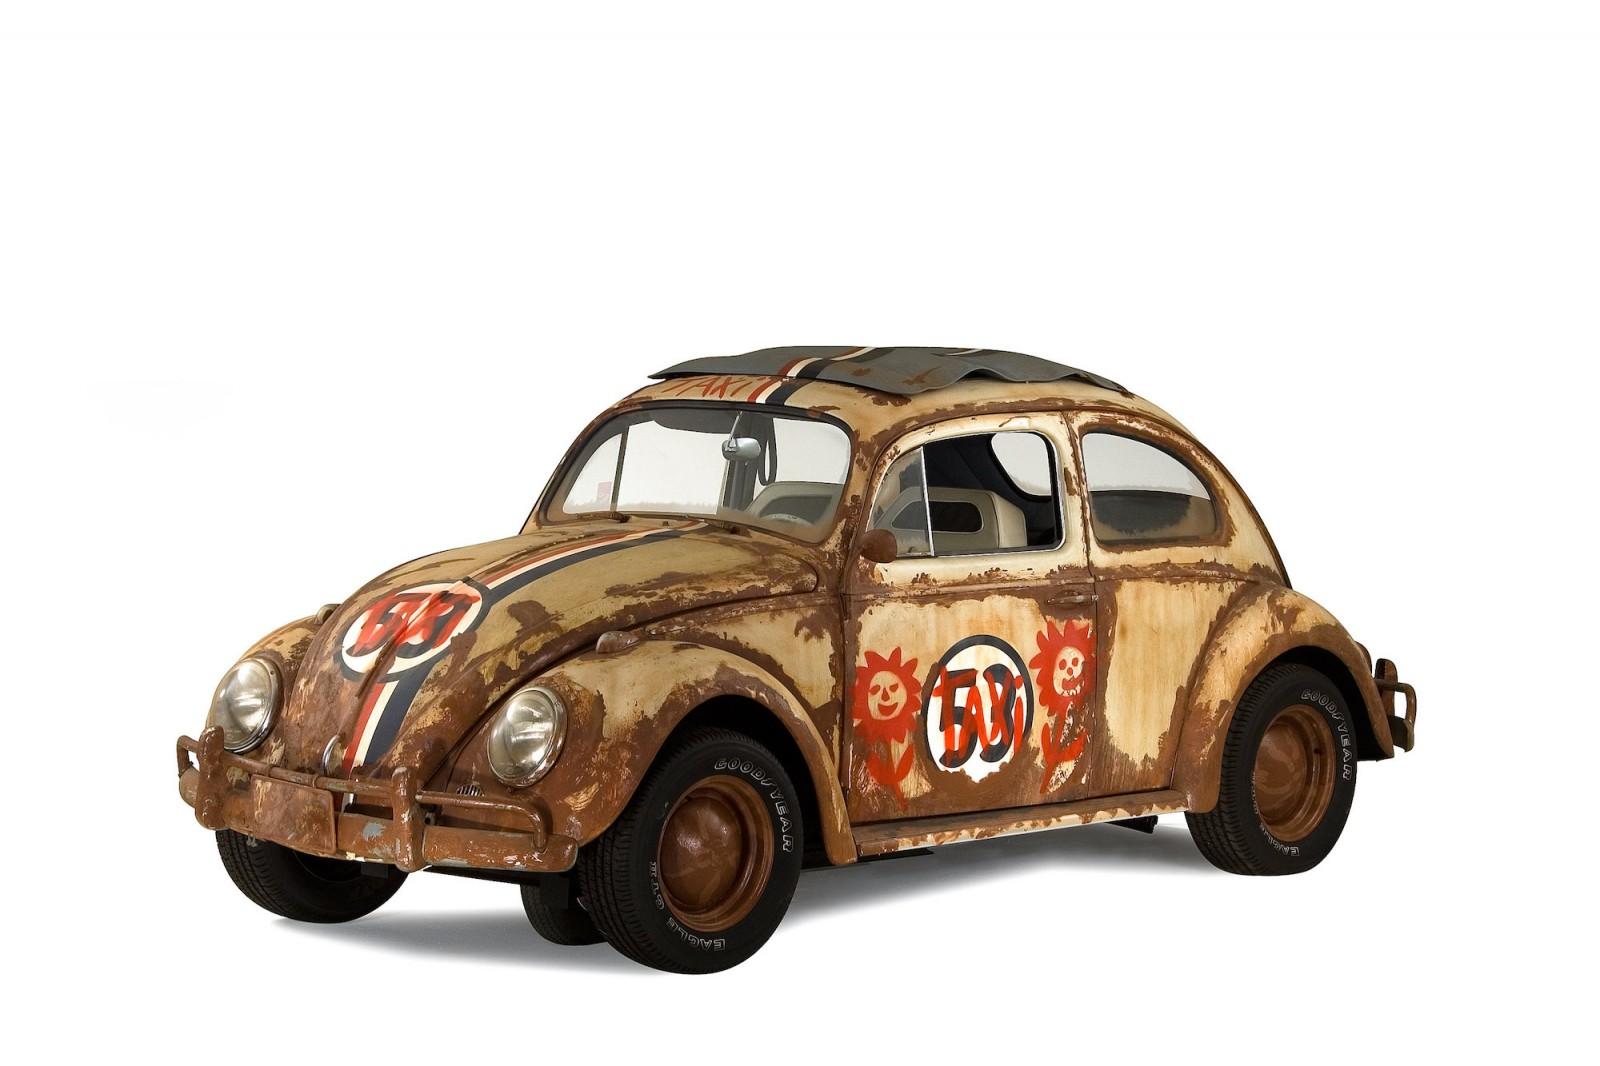 herbie-car-vw-beetle-copy-1600x1066.jpg